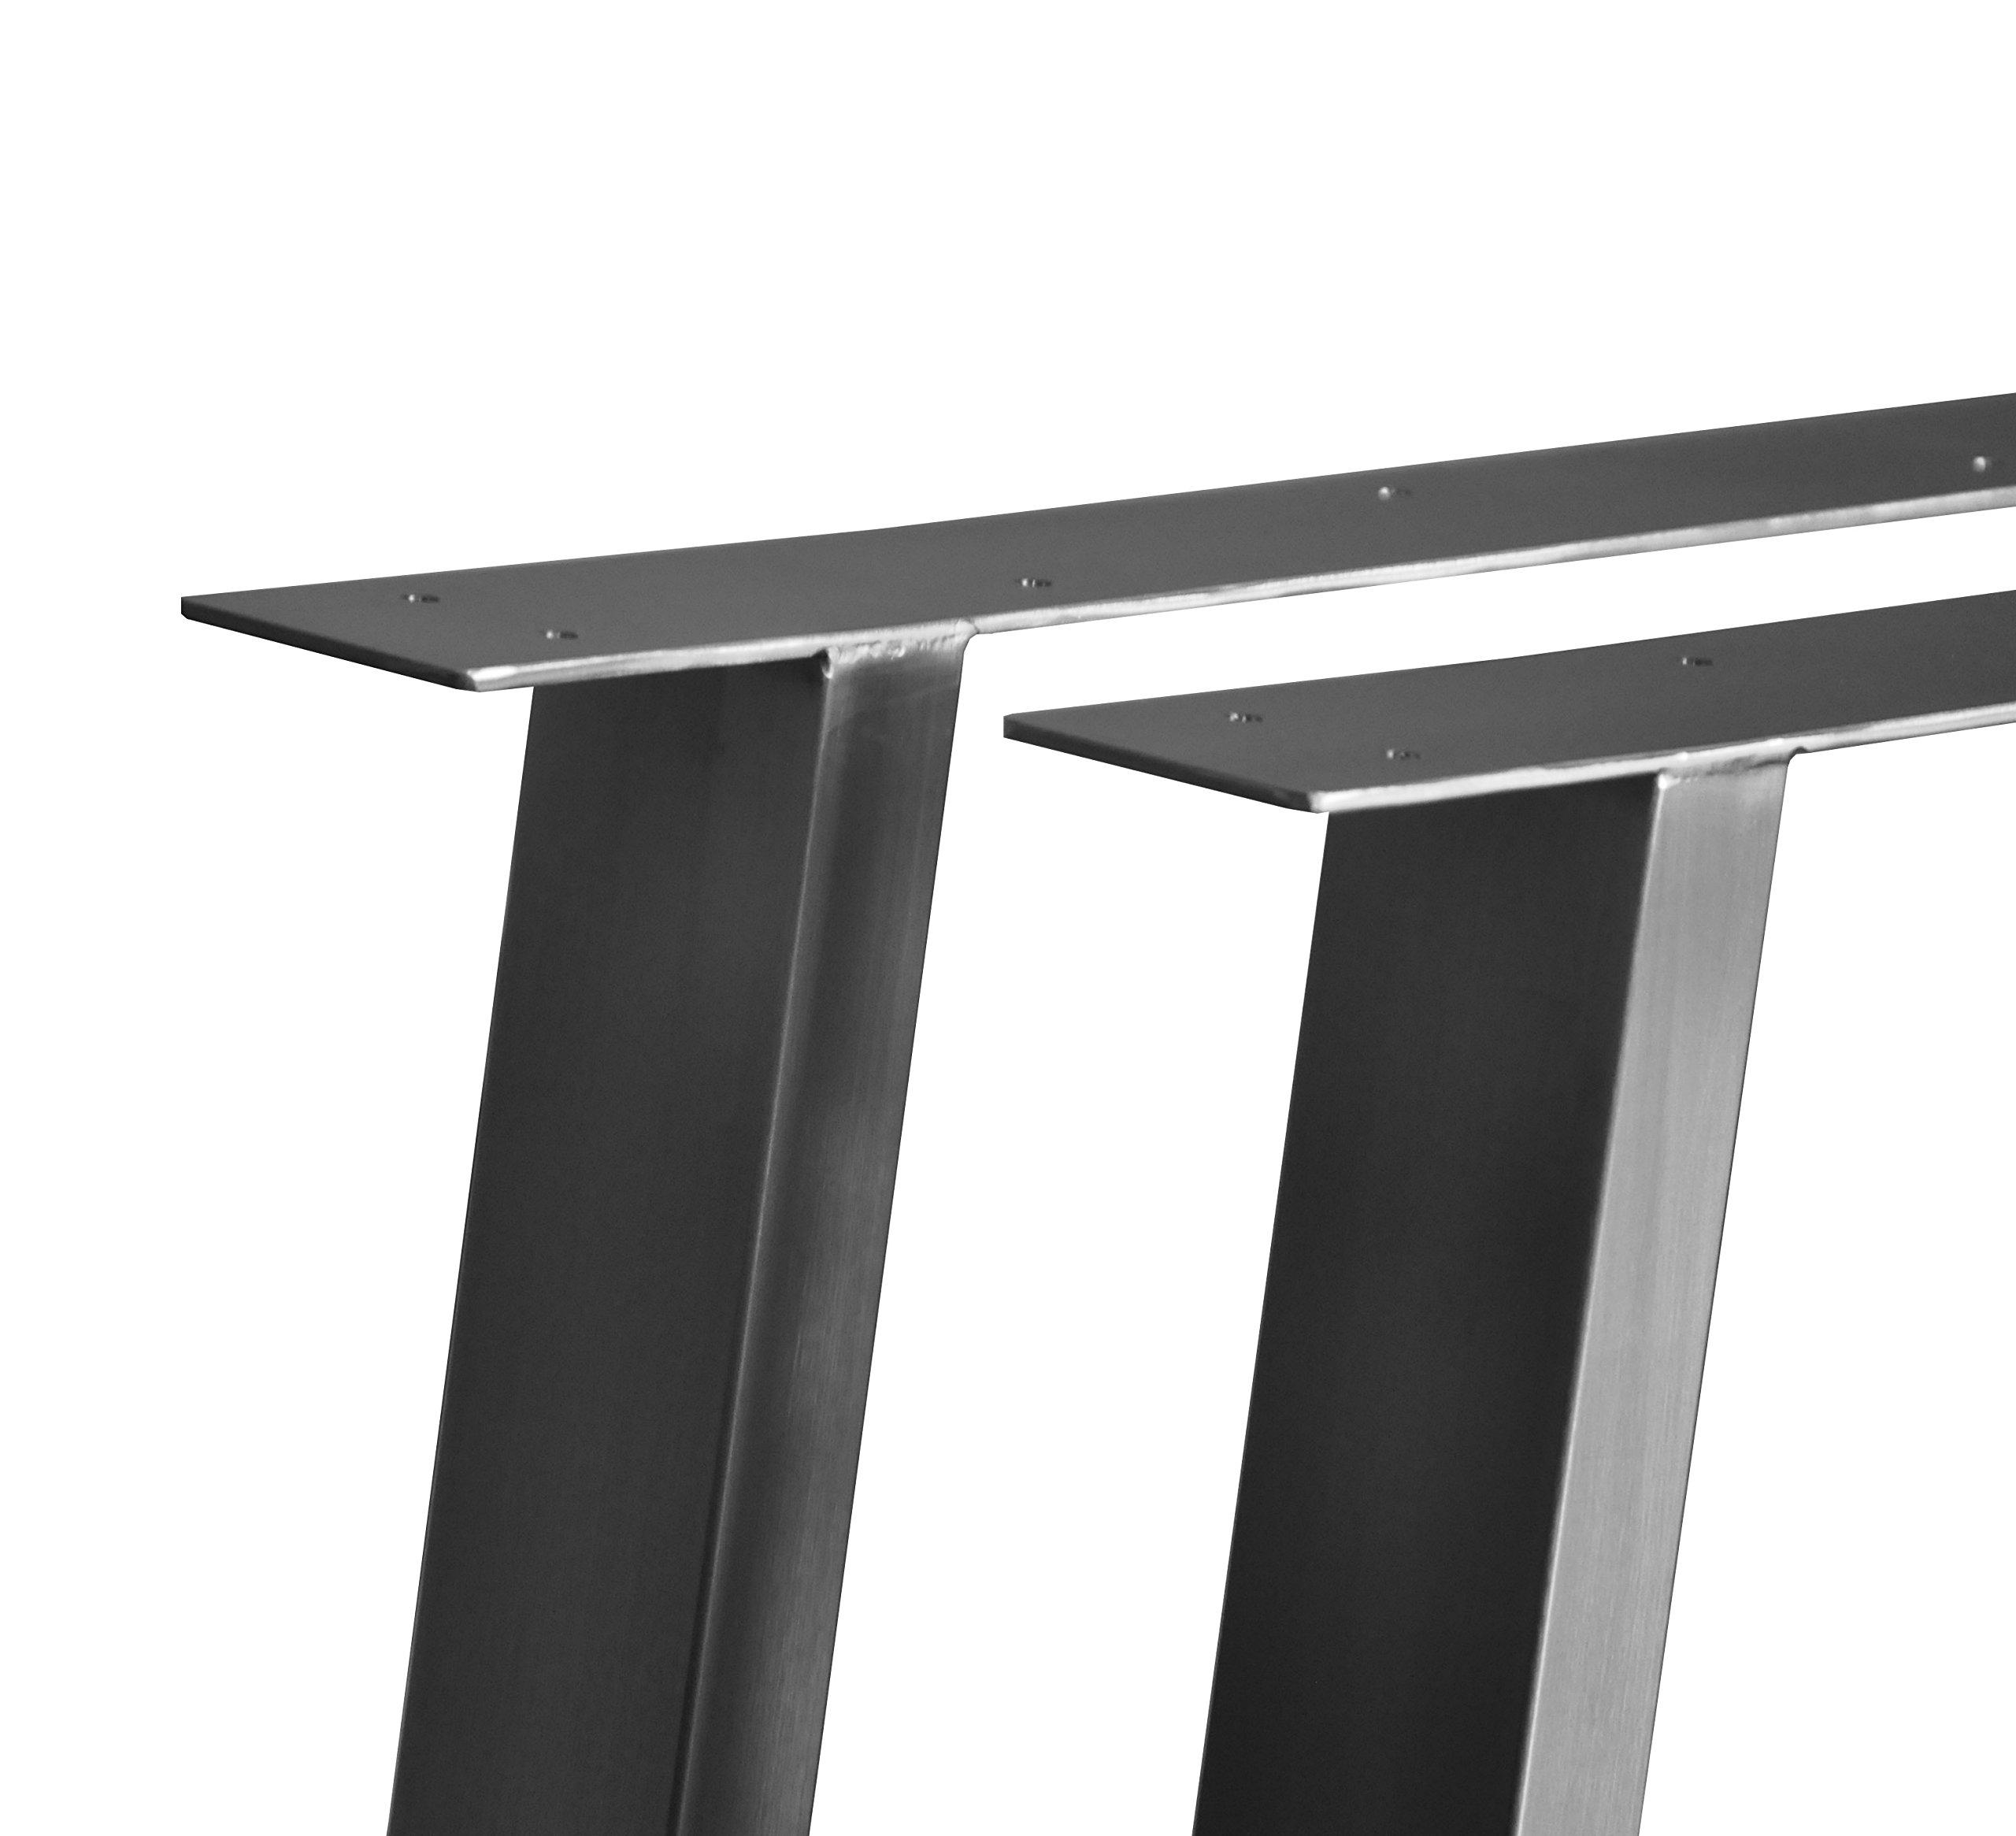 CHYRKA T-Tischgestell Edelstahl 201 60x30 Trapez Rahmentisch Kufengestell Tischkufe Tischuntergestell (720 x 500 mm - 1 Paar) 2